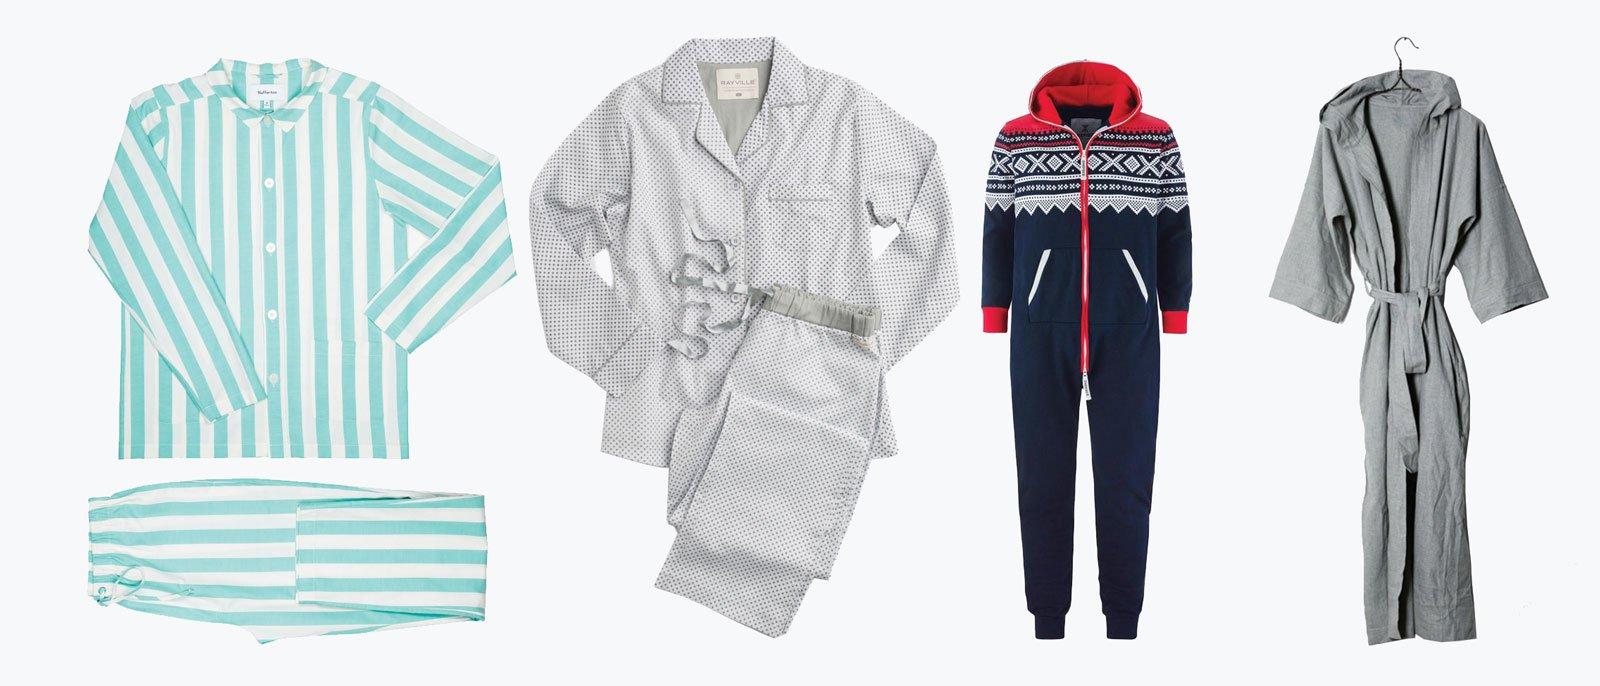 scandinavian loungewear autumn winter essentials